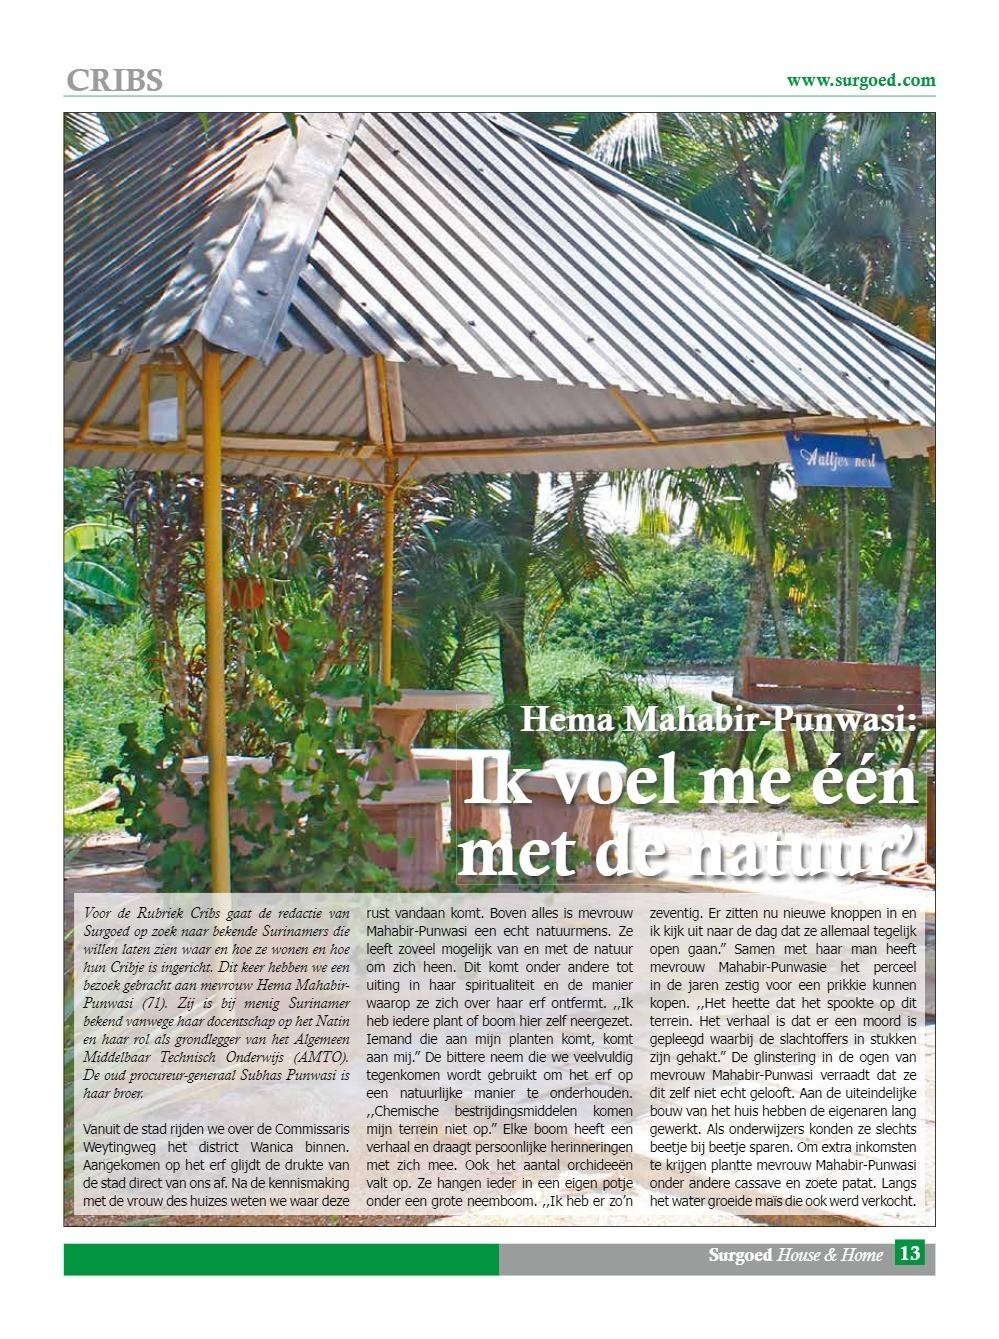 Hema Mahabir-Punwasi - 'Ik voel me één met de natuur'